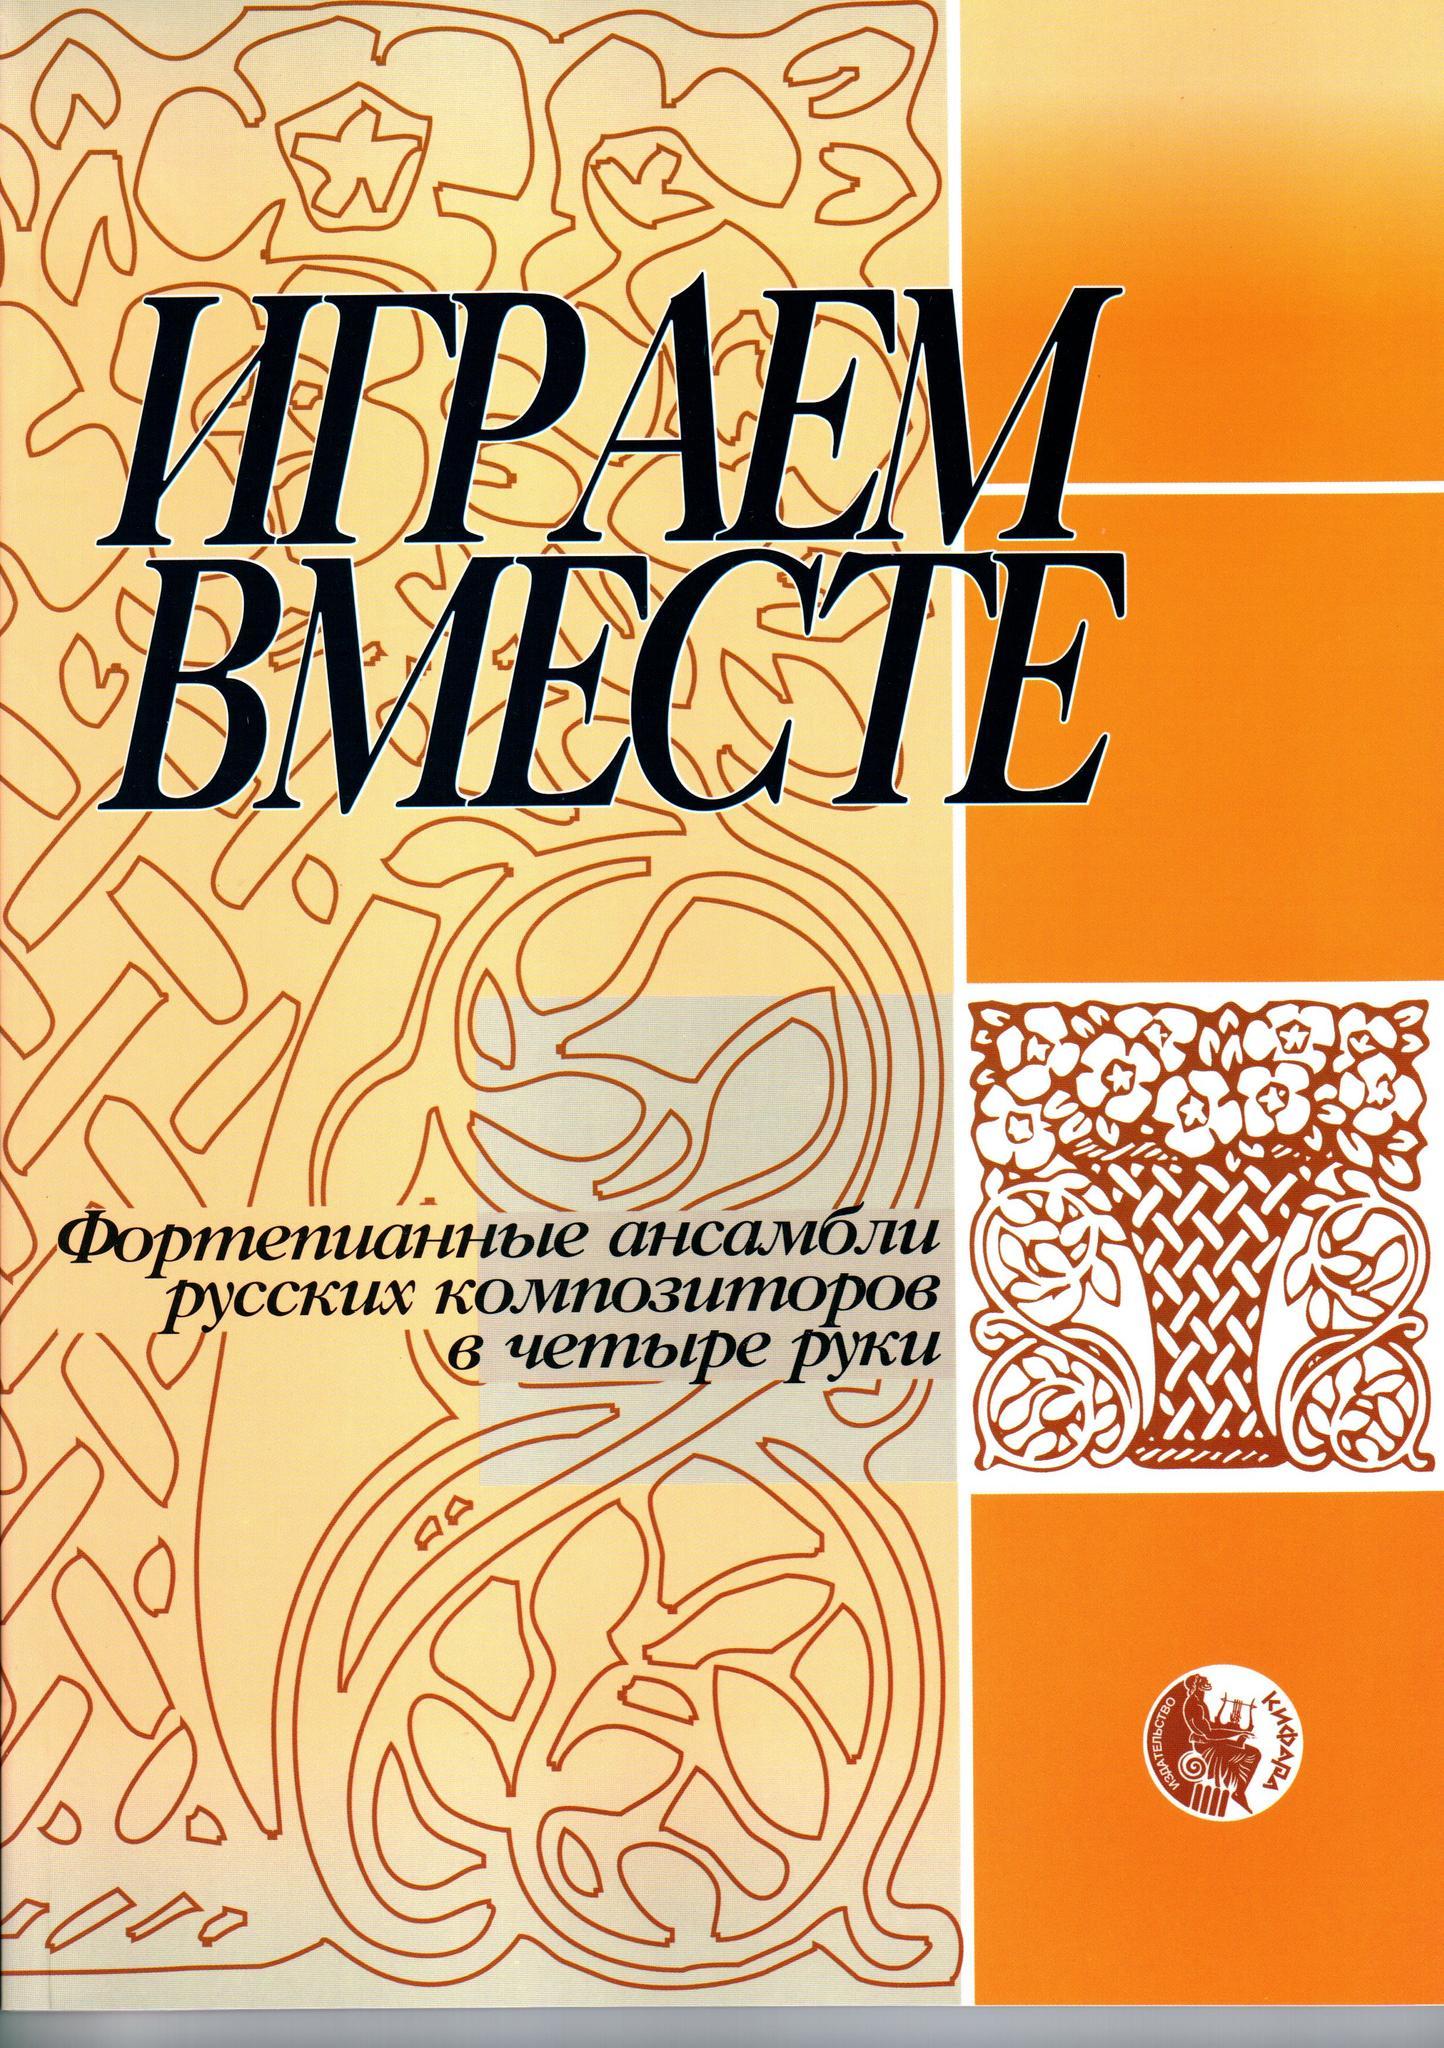 Играем вместе. Фортепианные ансамбли русских комп-ов в четыре руки XIX-XX вв.